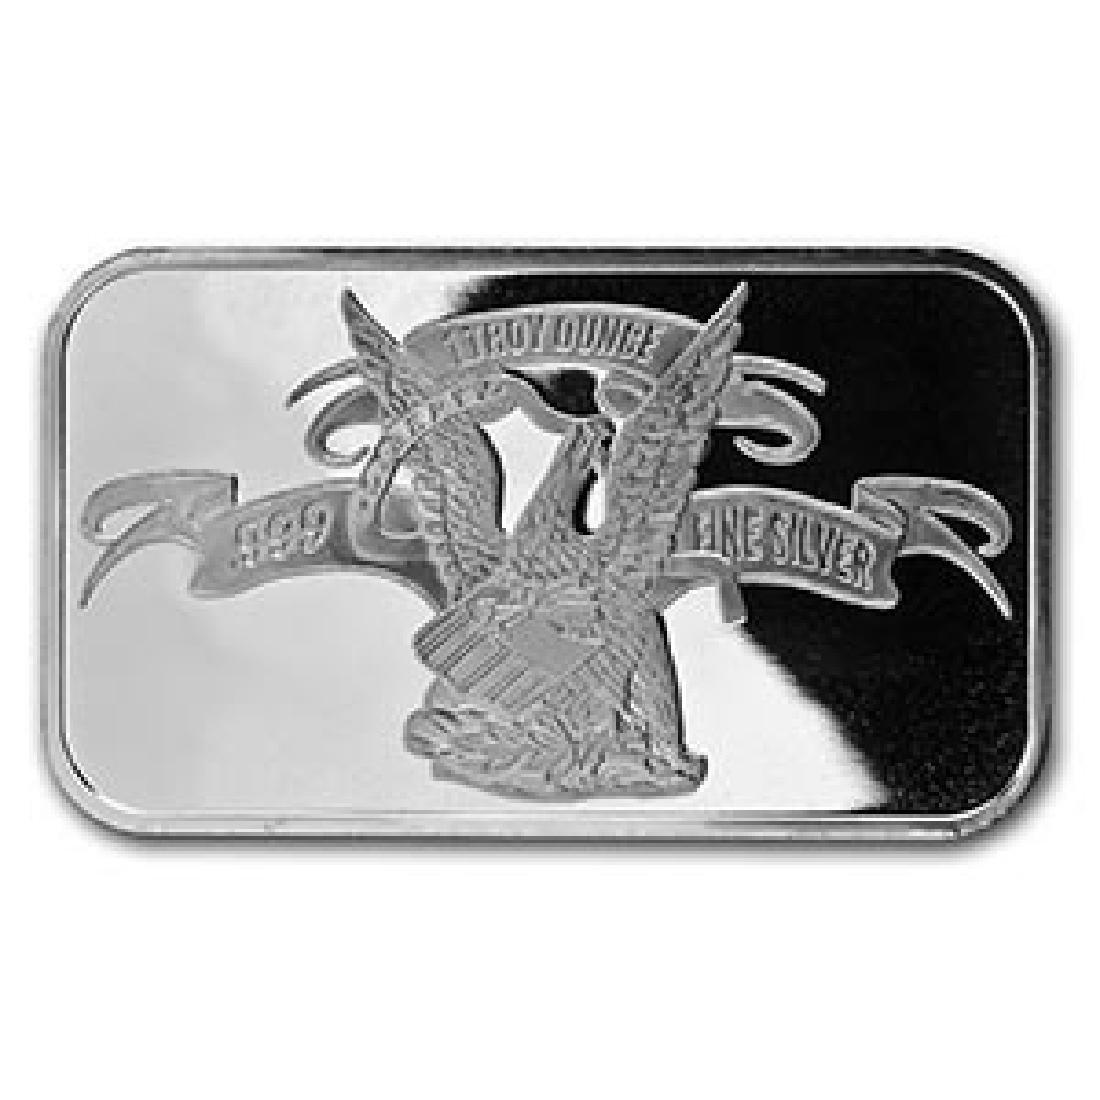 1 oz Silver Bar - (Original Design)